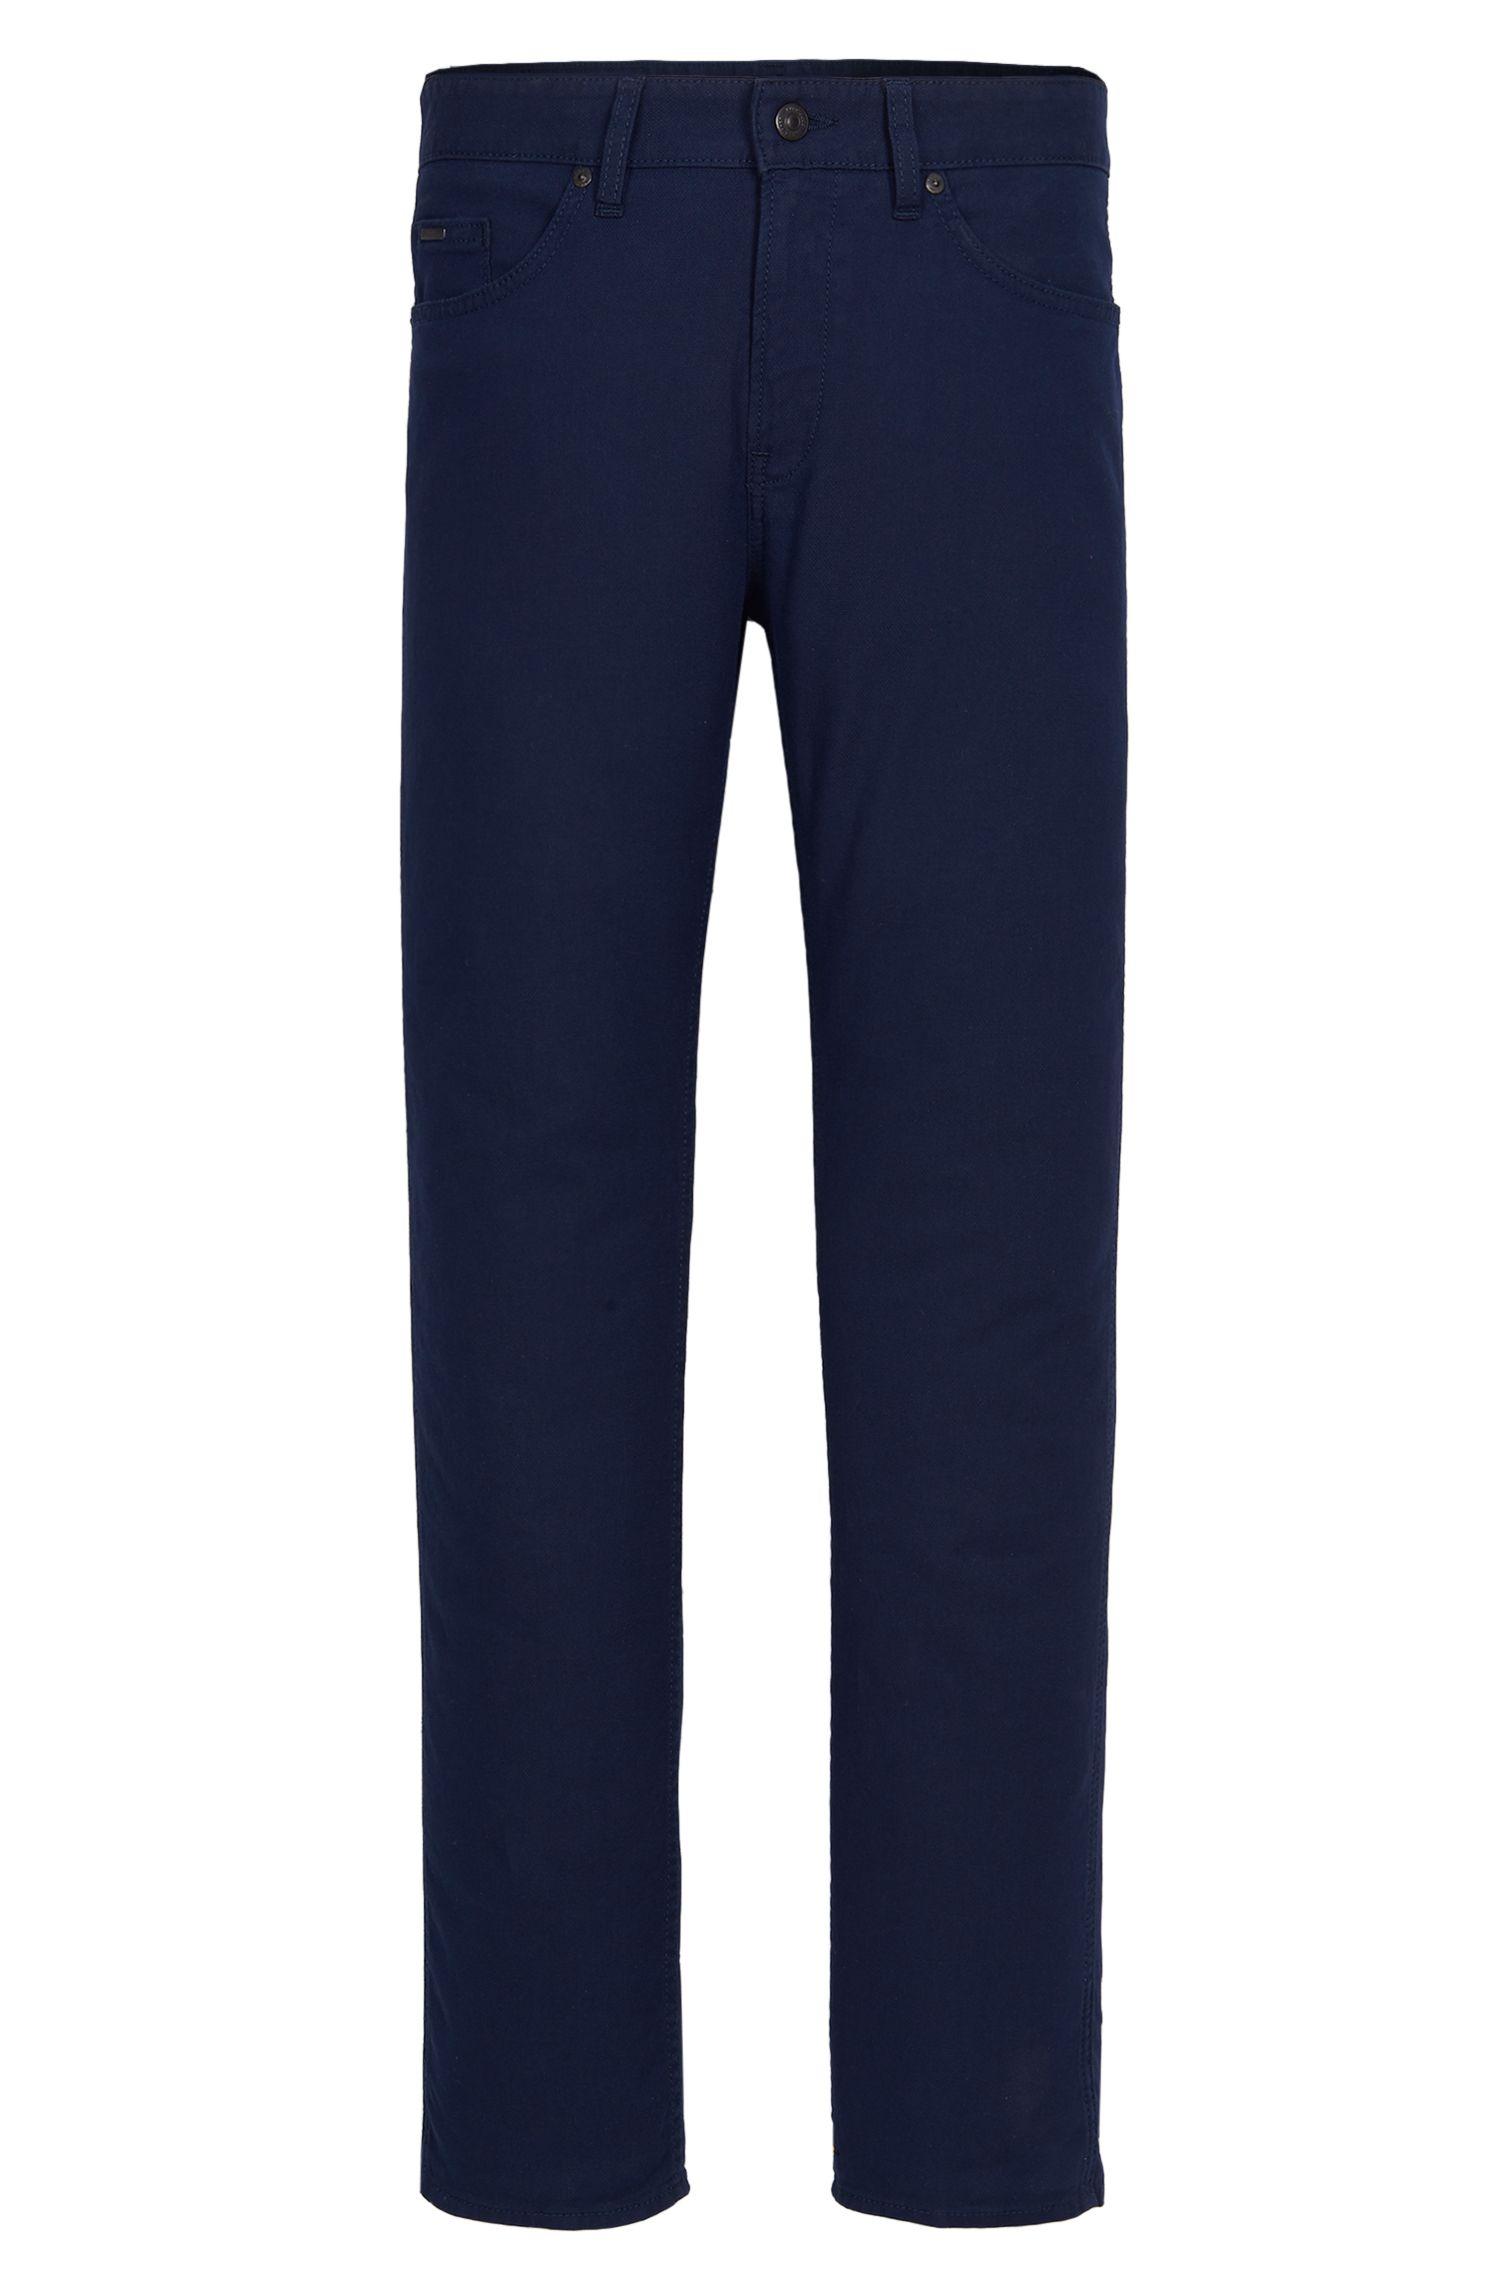 10 oz Stretch Cotton Blend Pants, Slim Fit | Delaware